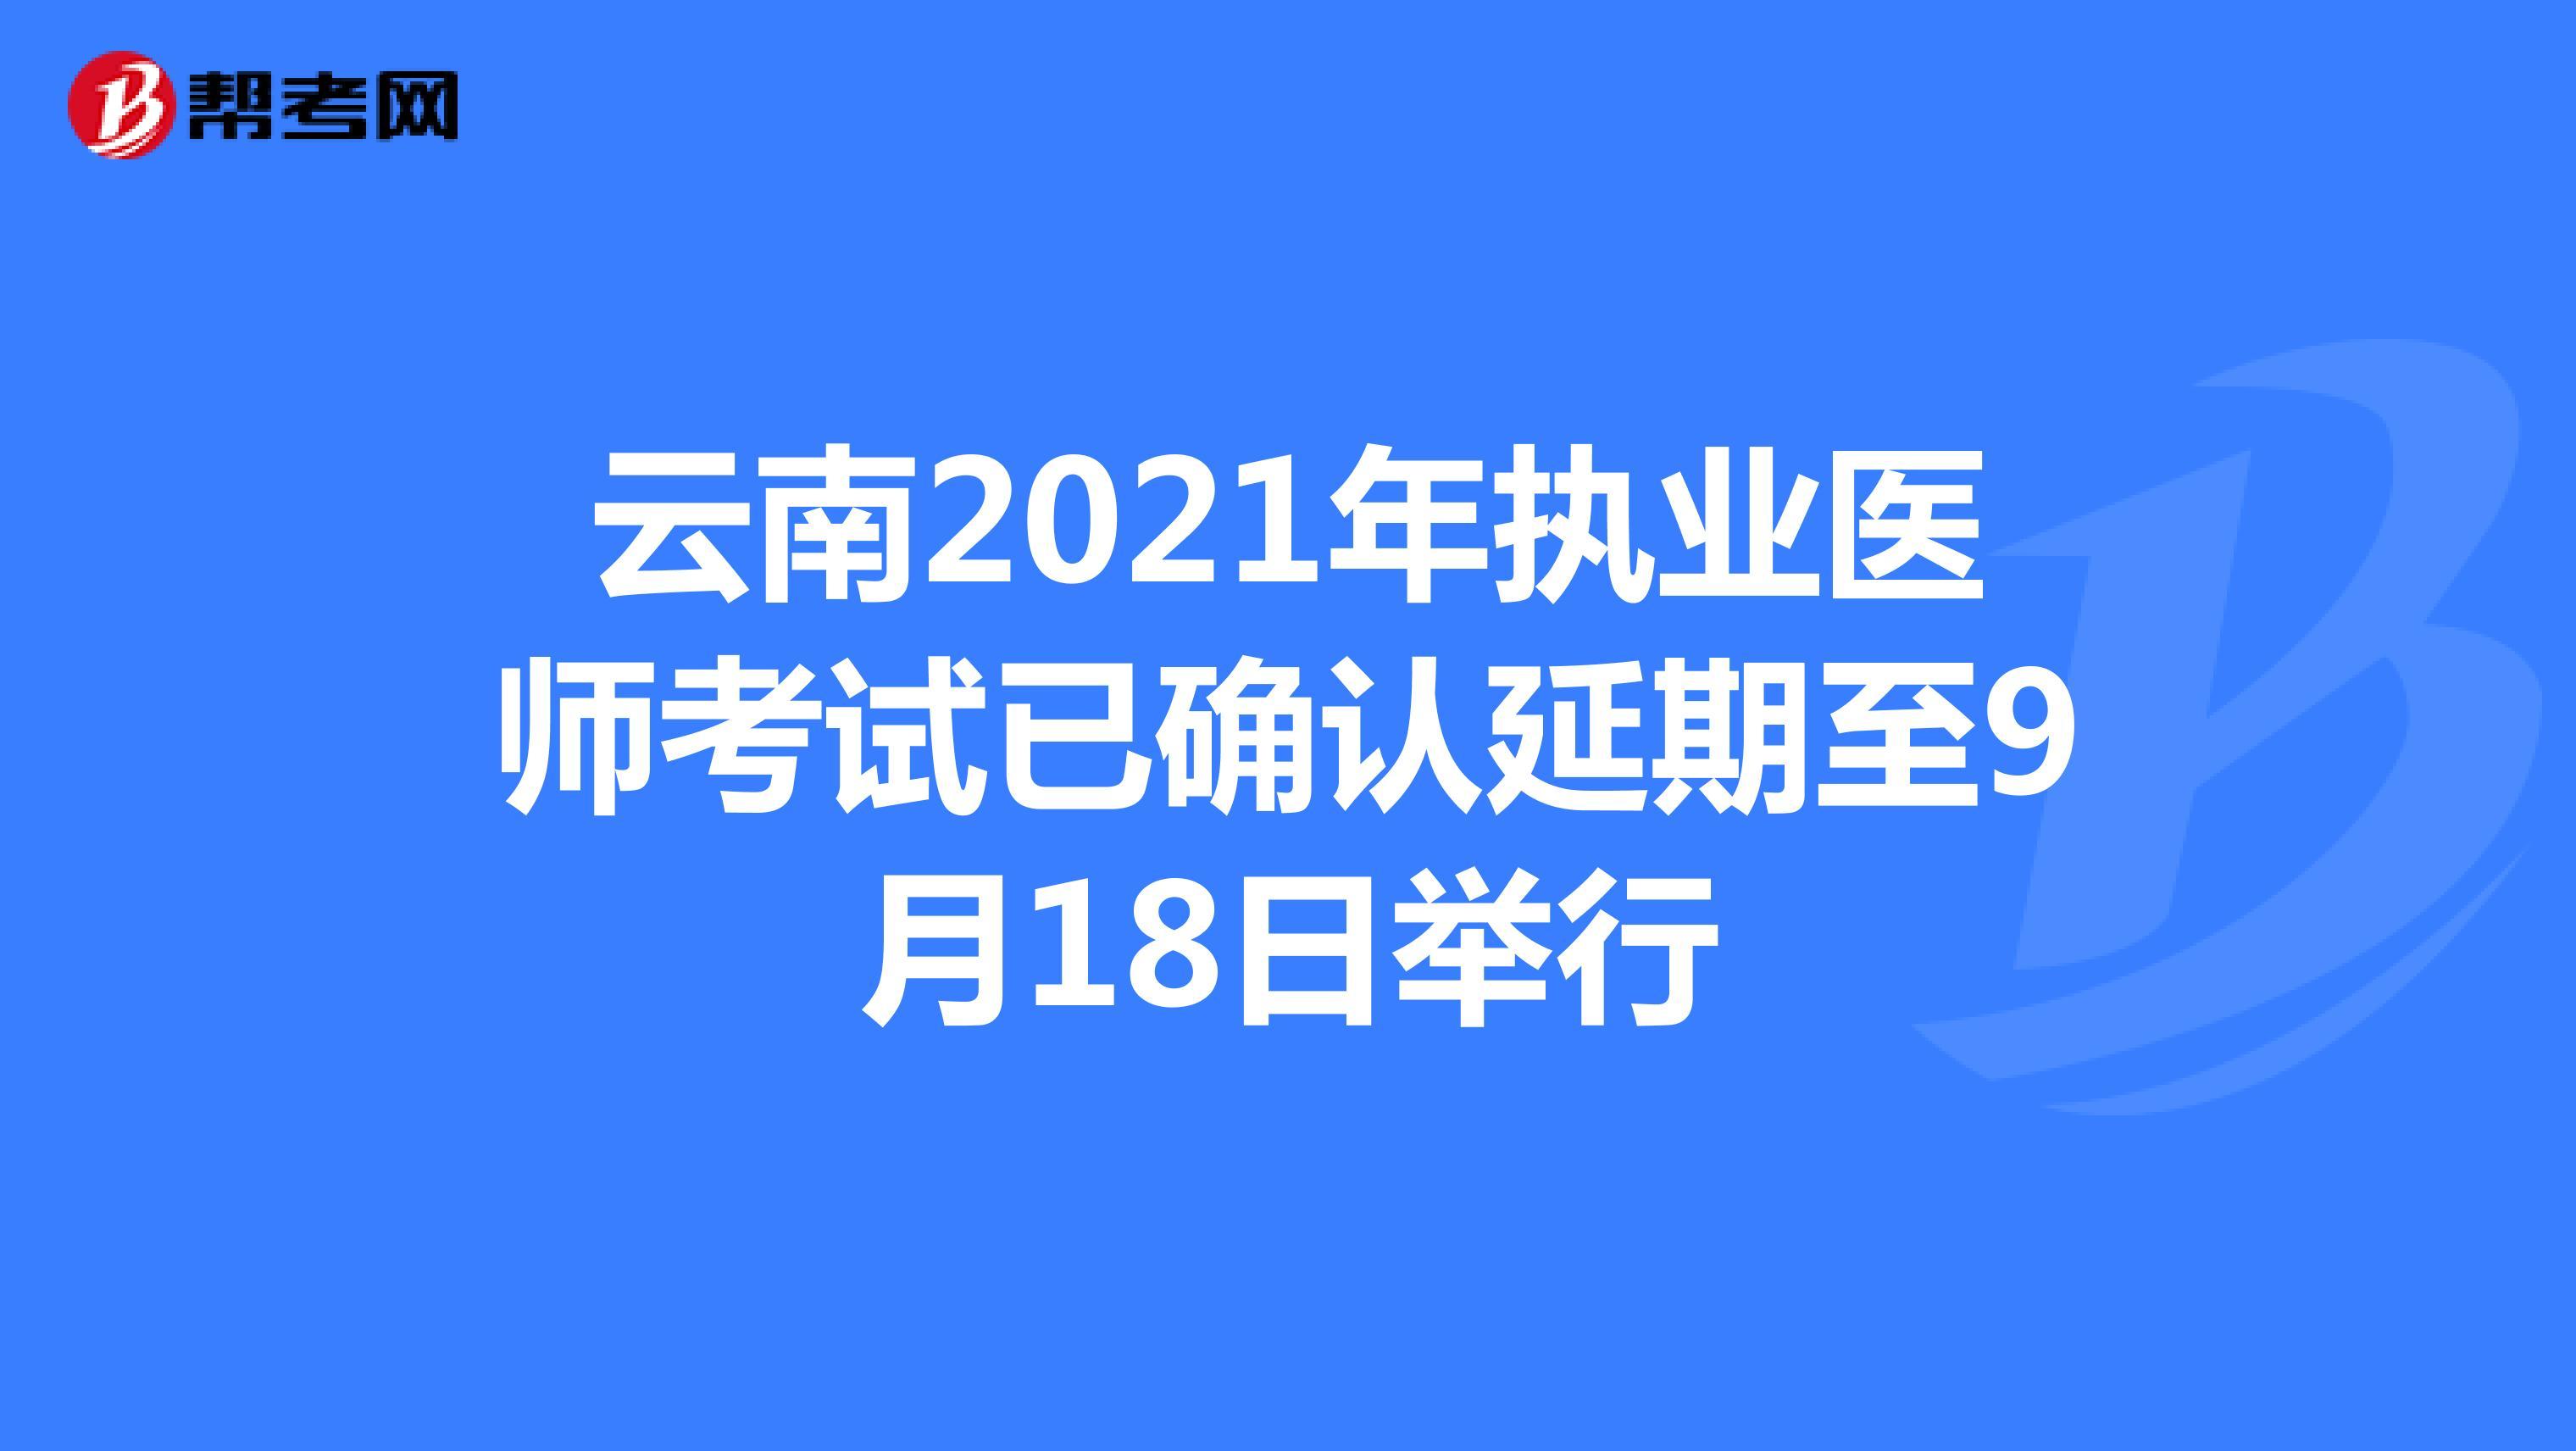 云南2021年执业医师考试已确认延期至9月18日举行